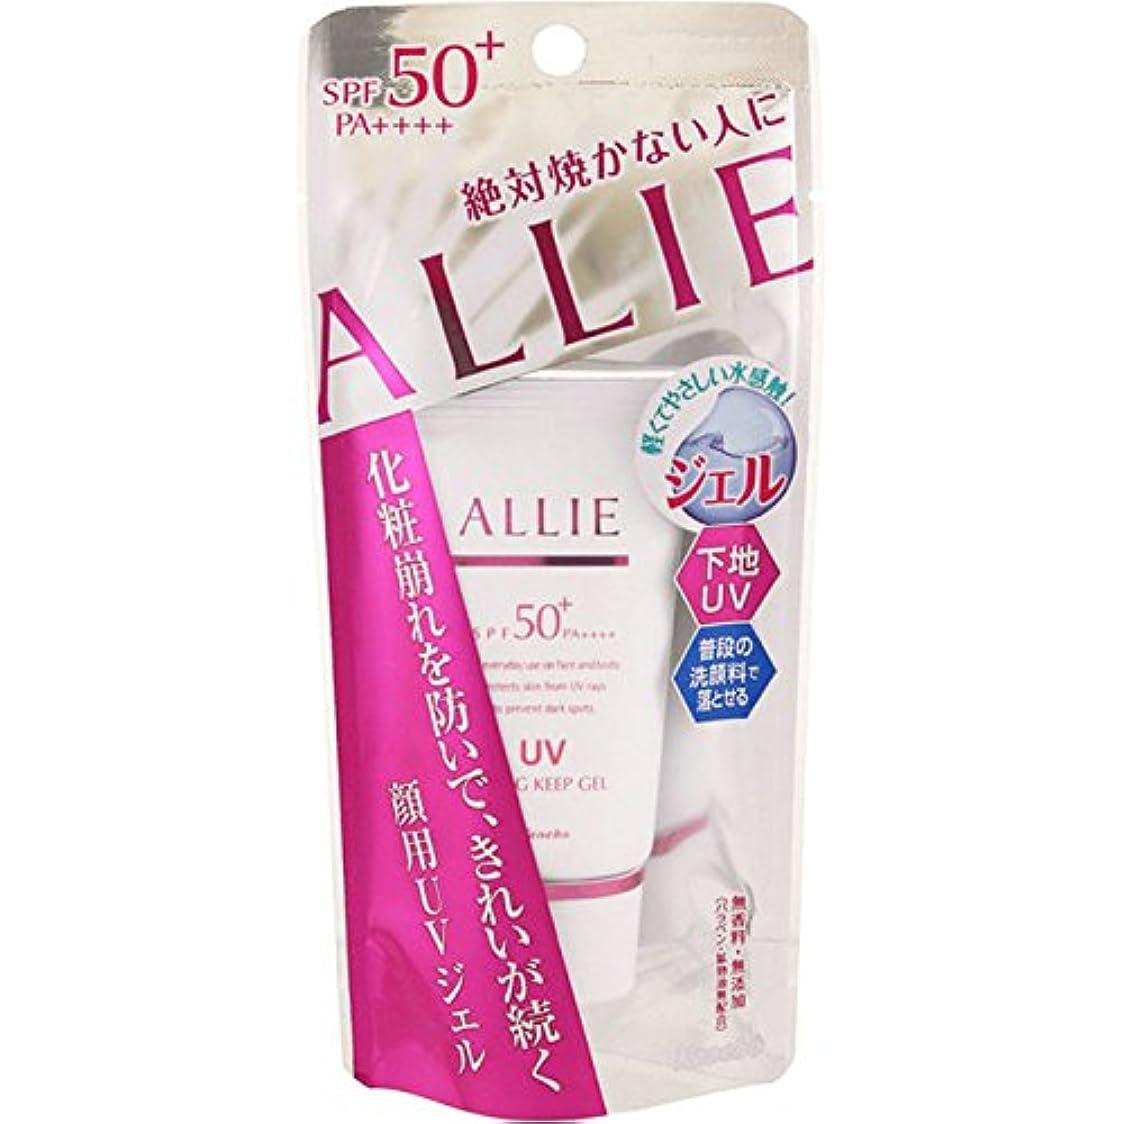 【カネボウ】 ALLIE(アリィー) エクストラUVジェル(ヴェールキープ) 25g (SPF50+/PA++++)